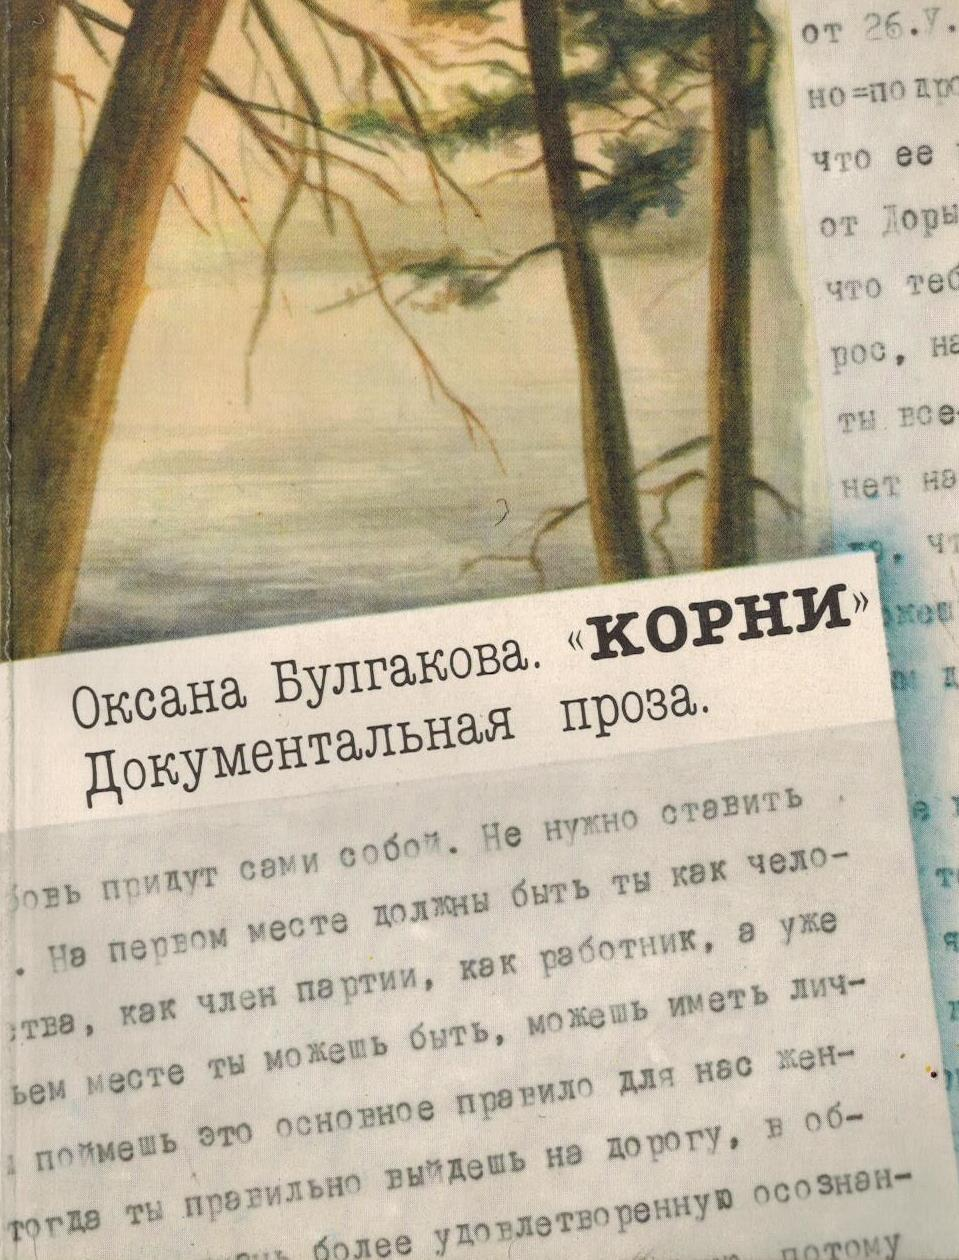 Булгакова Оксана Корни